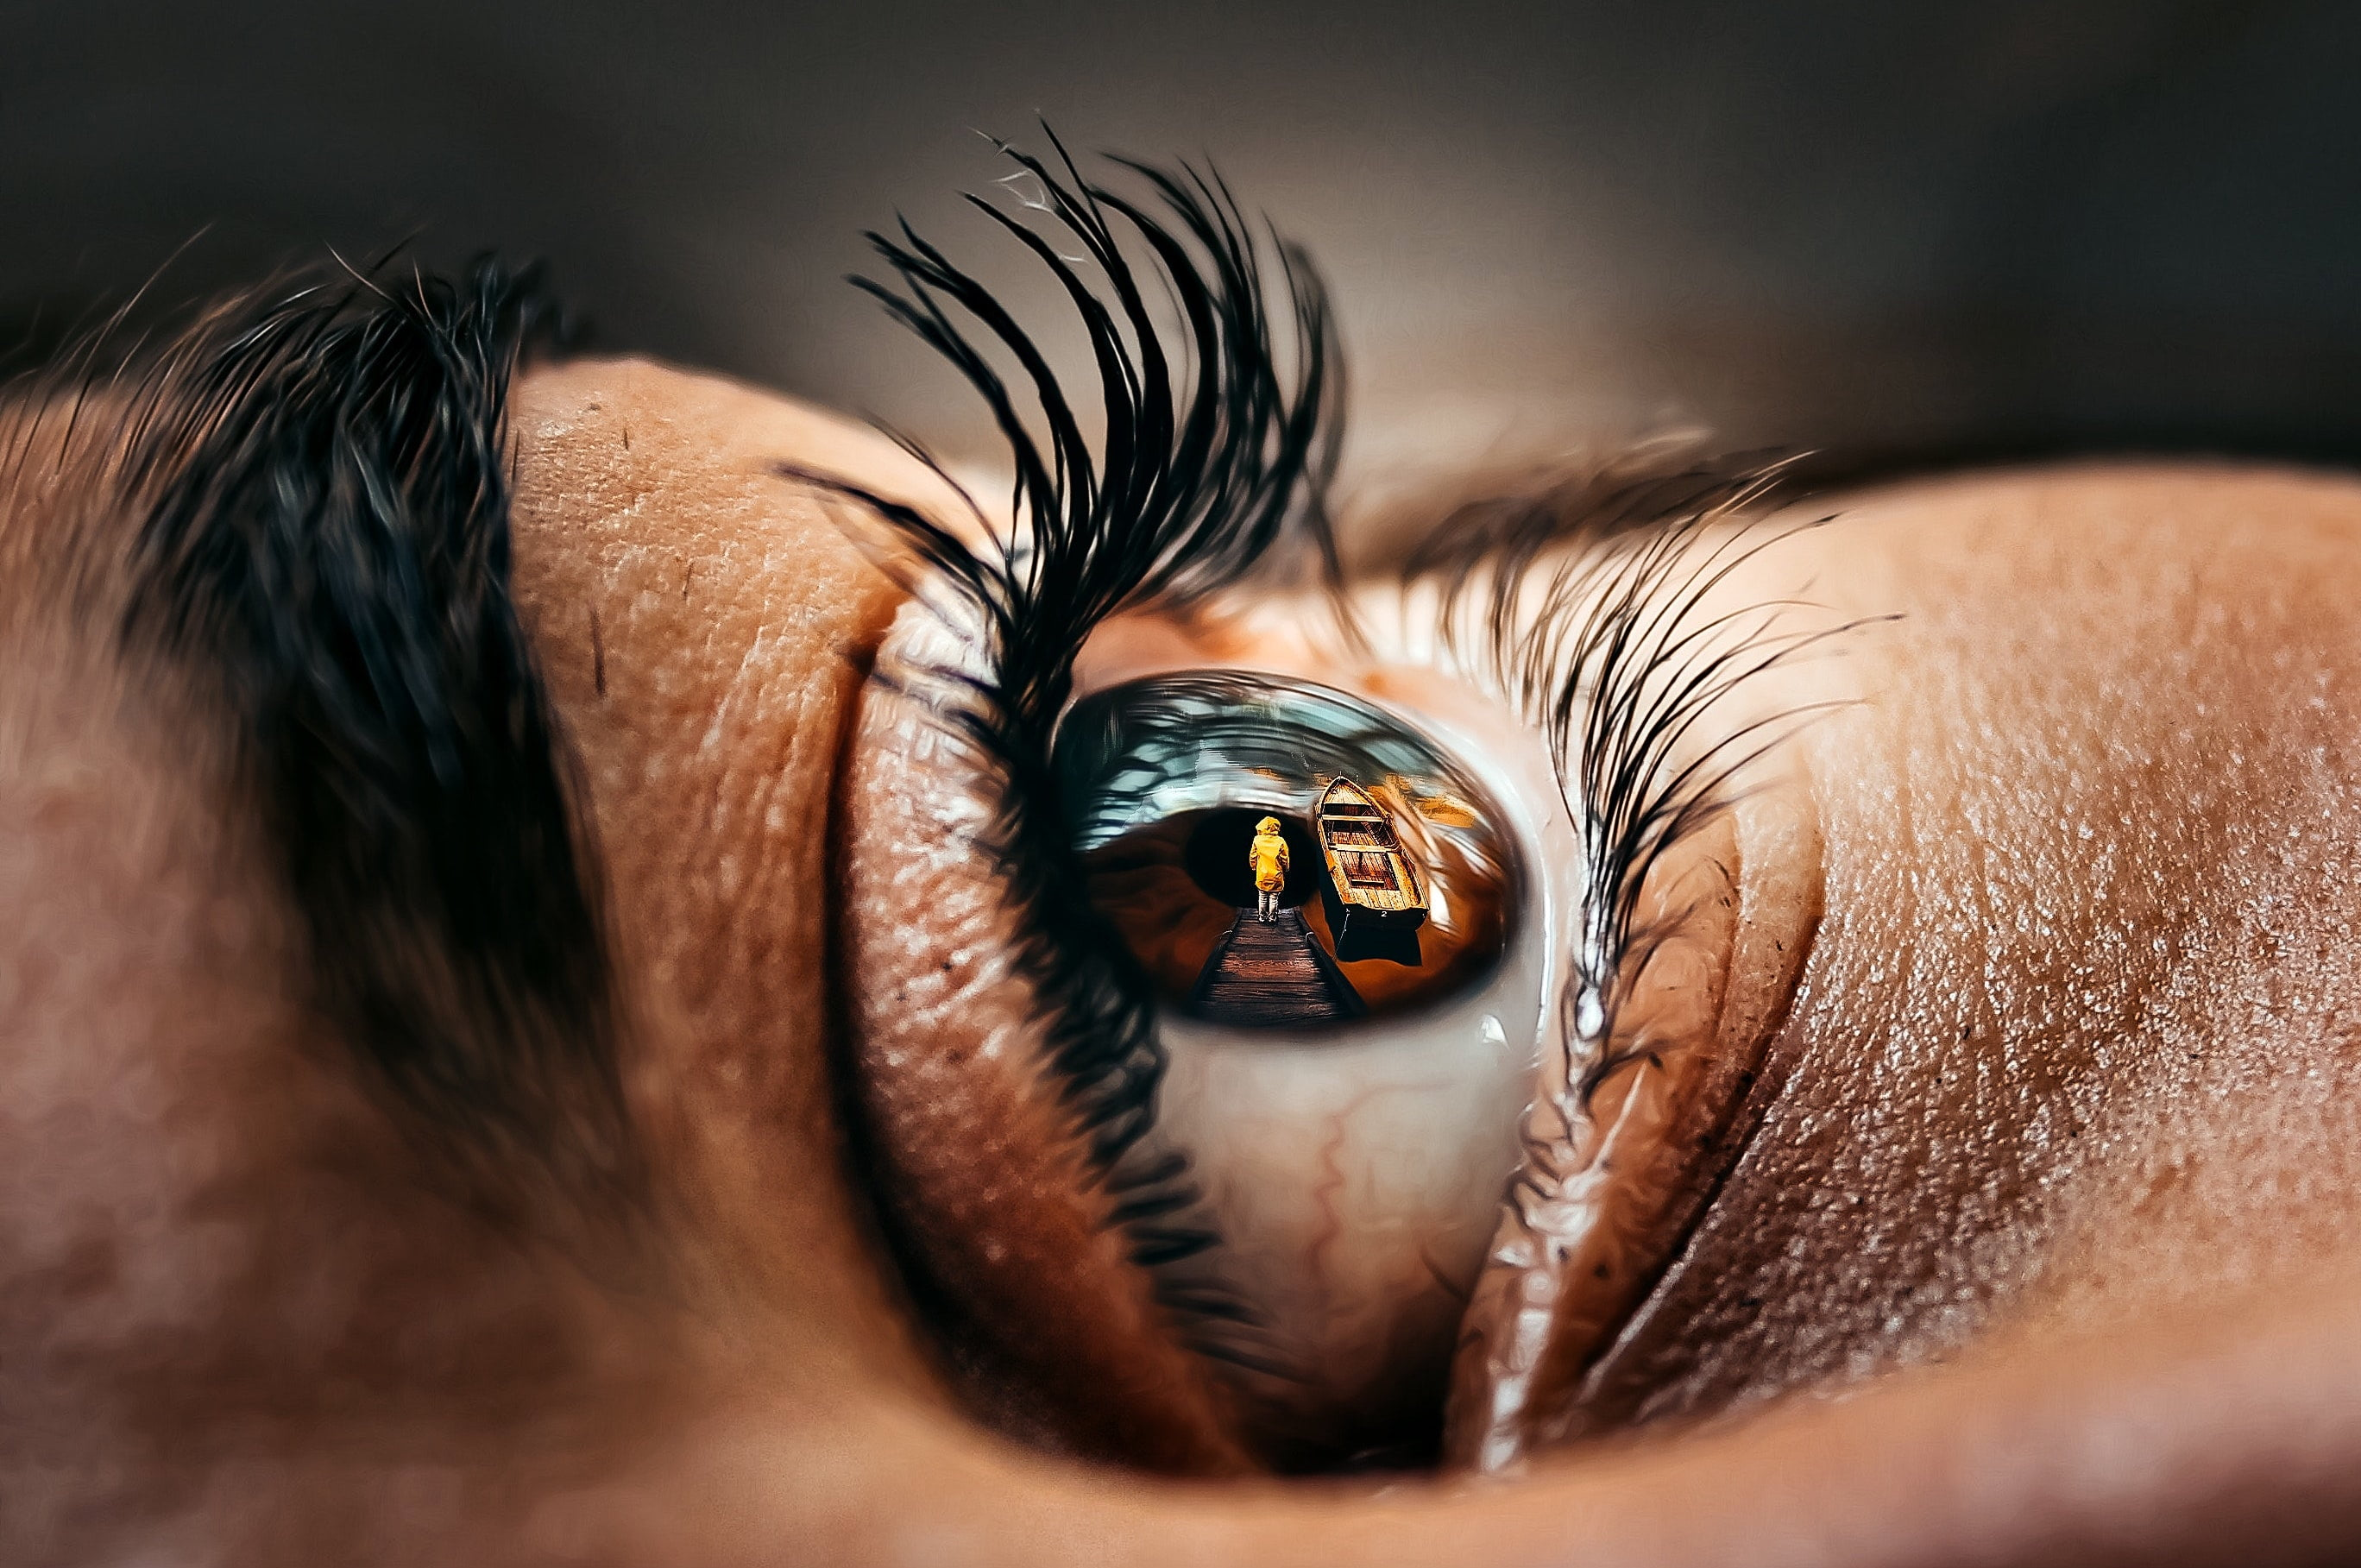 Vedere è il modo migliore per apprendere